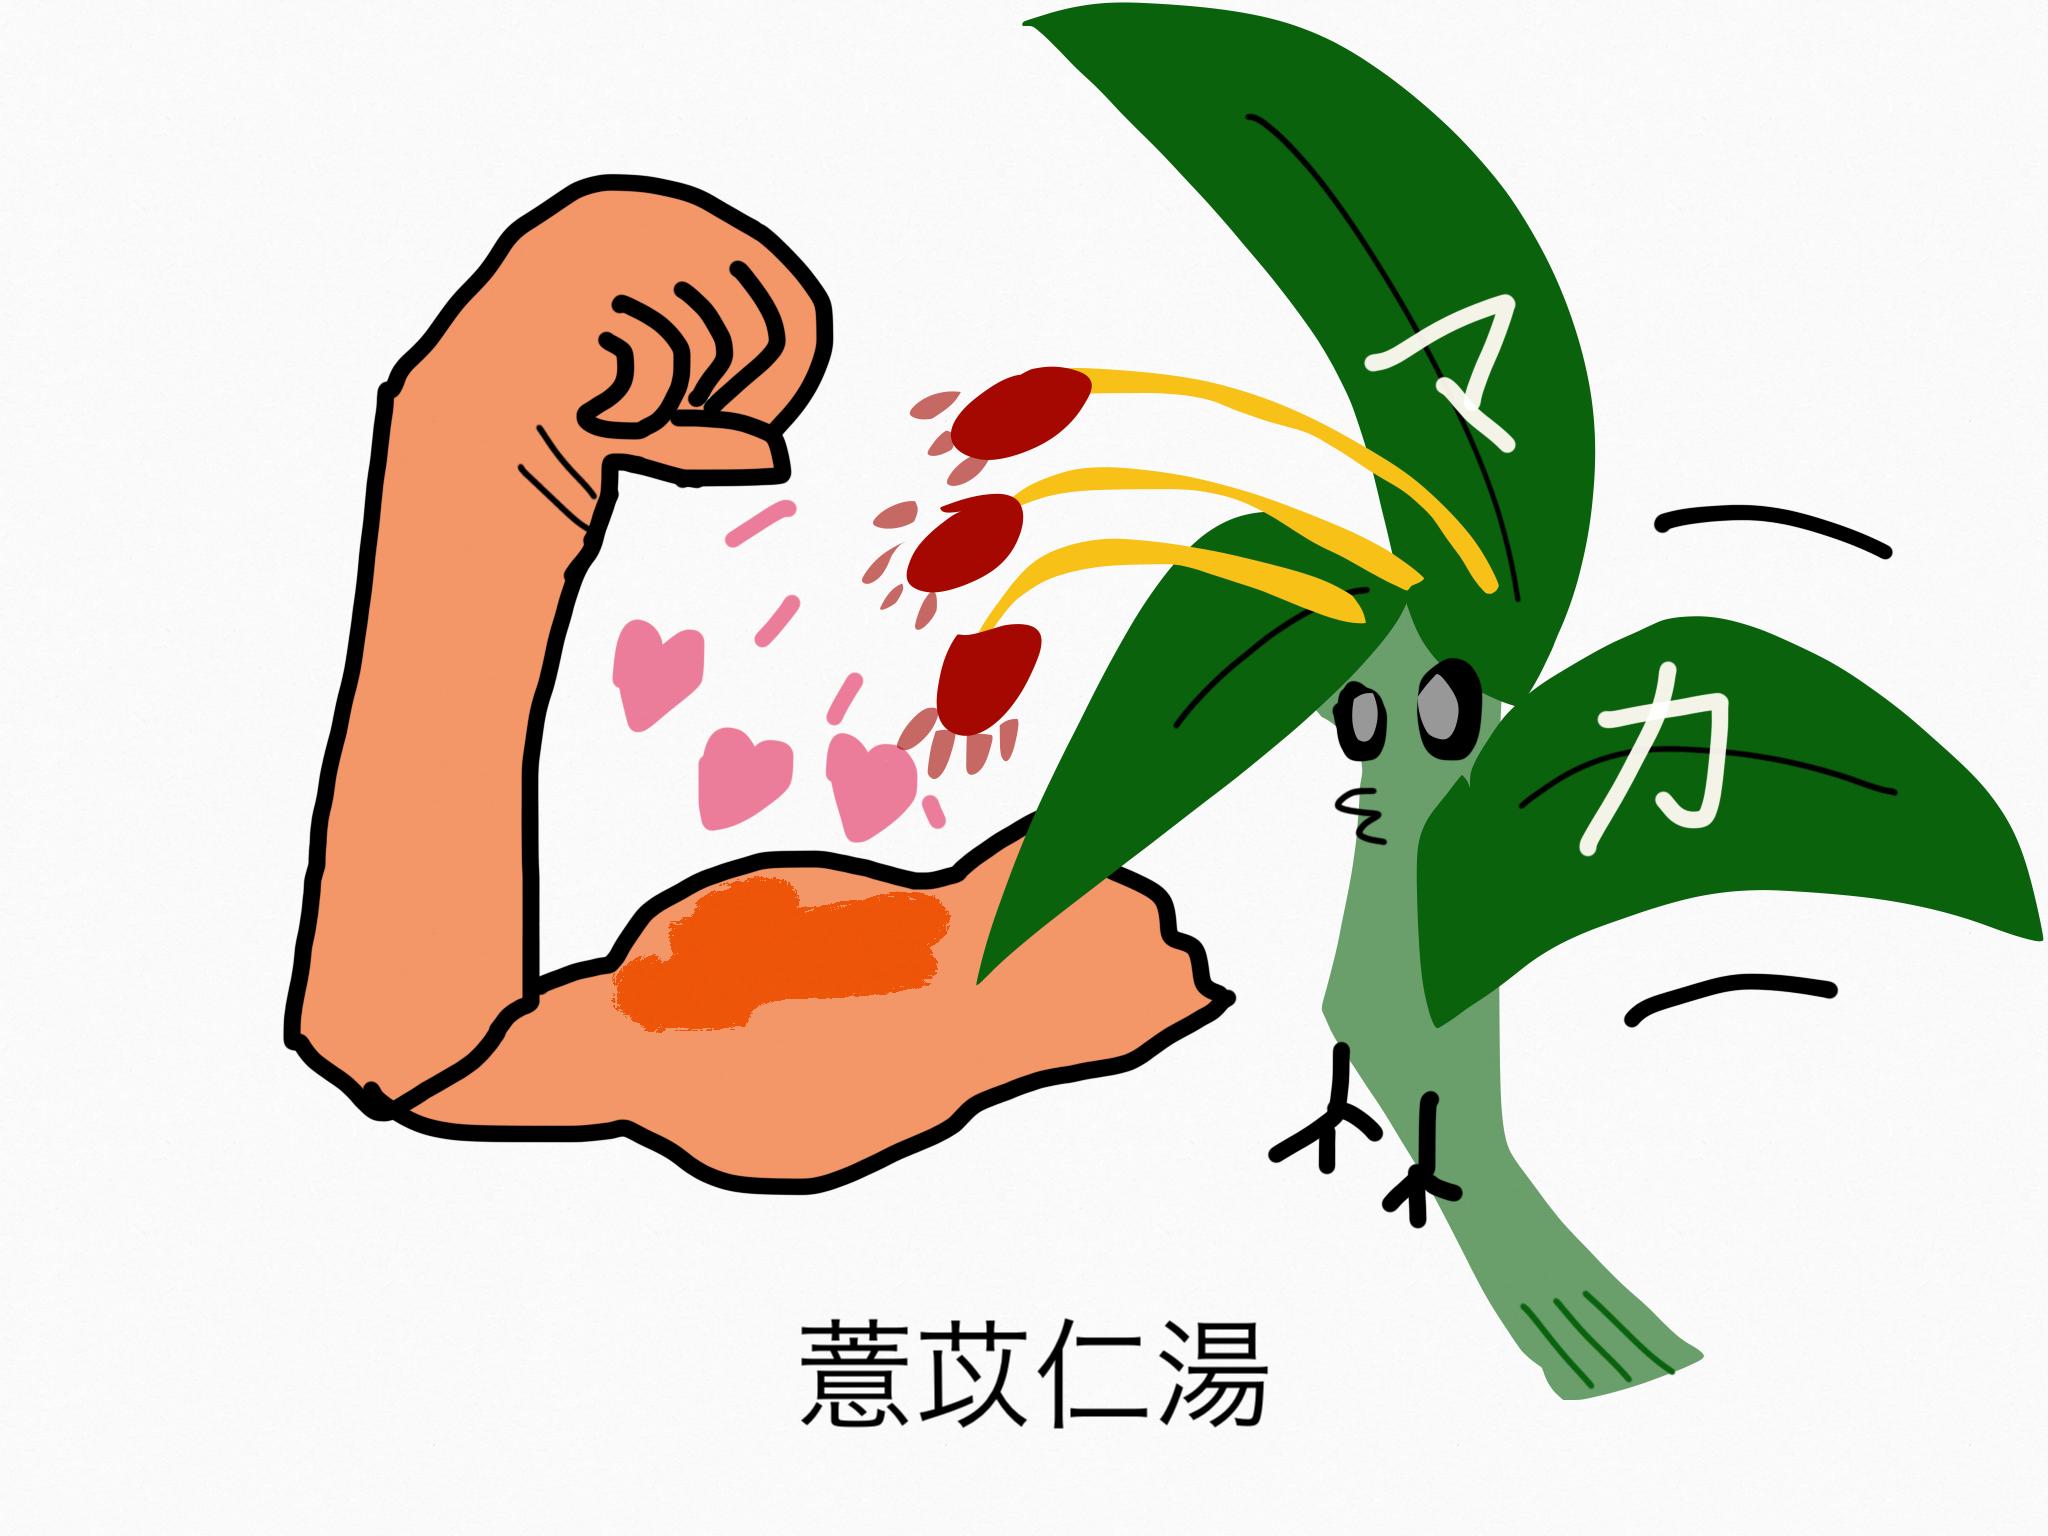 薏苡仁湯(よくいにんとう)[鎮痛]【漢方の覚え方】